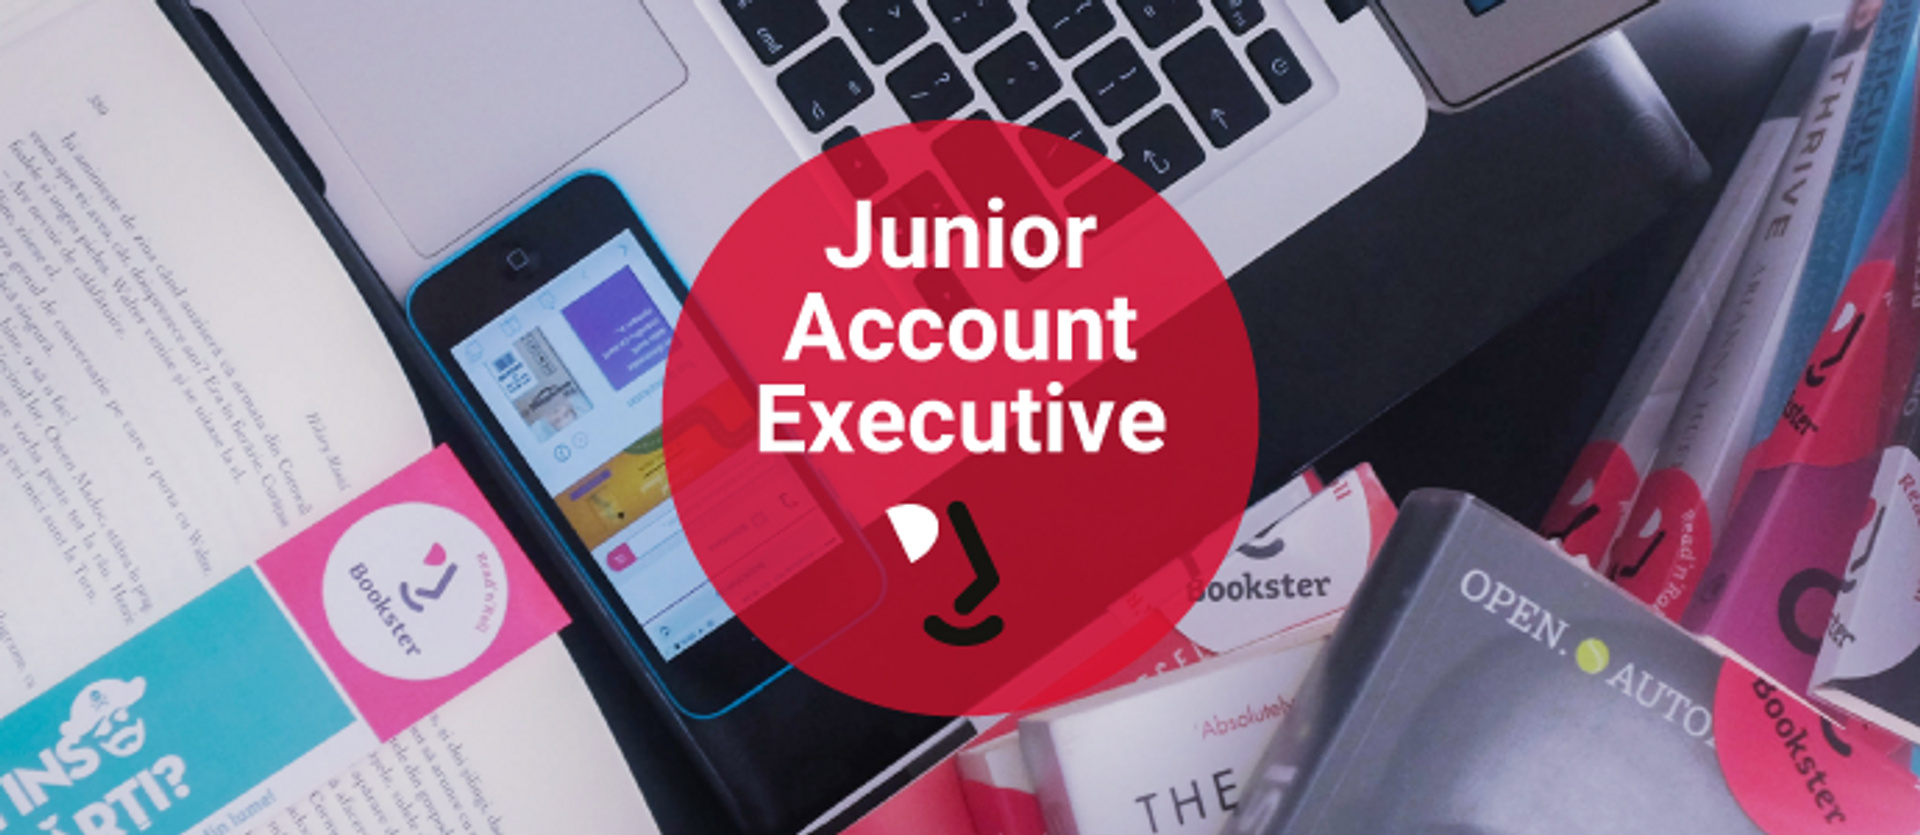 Junior Accounrt Executive